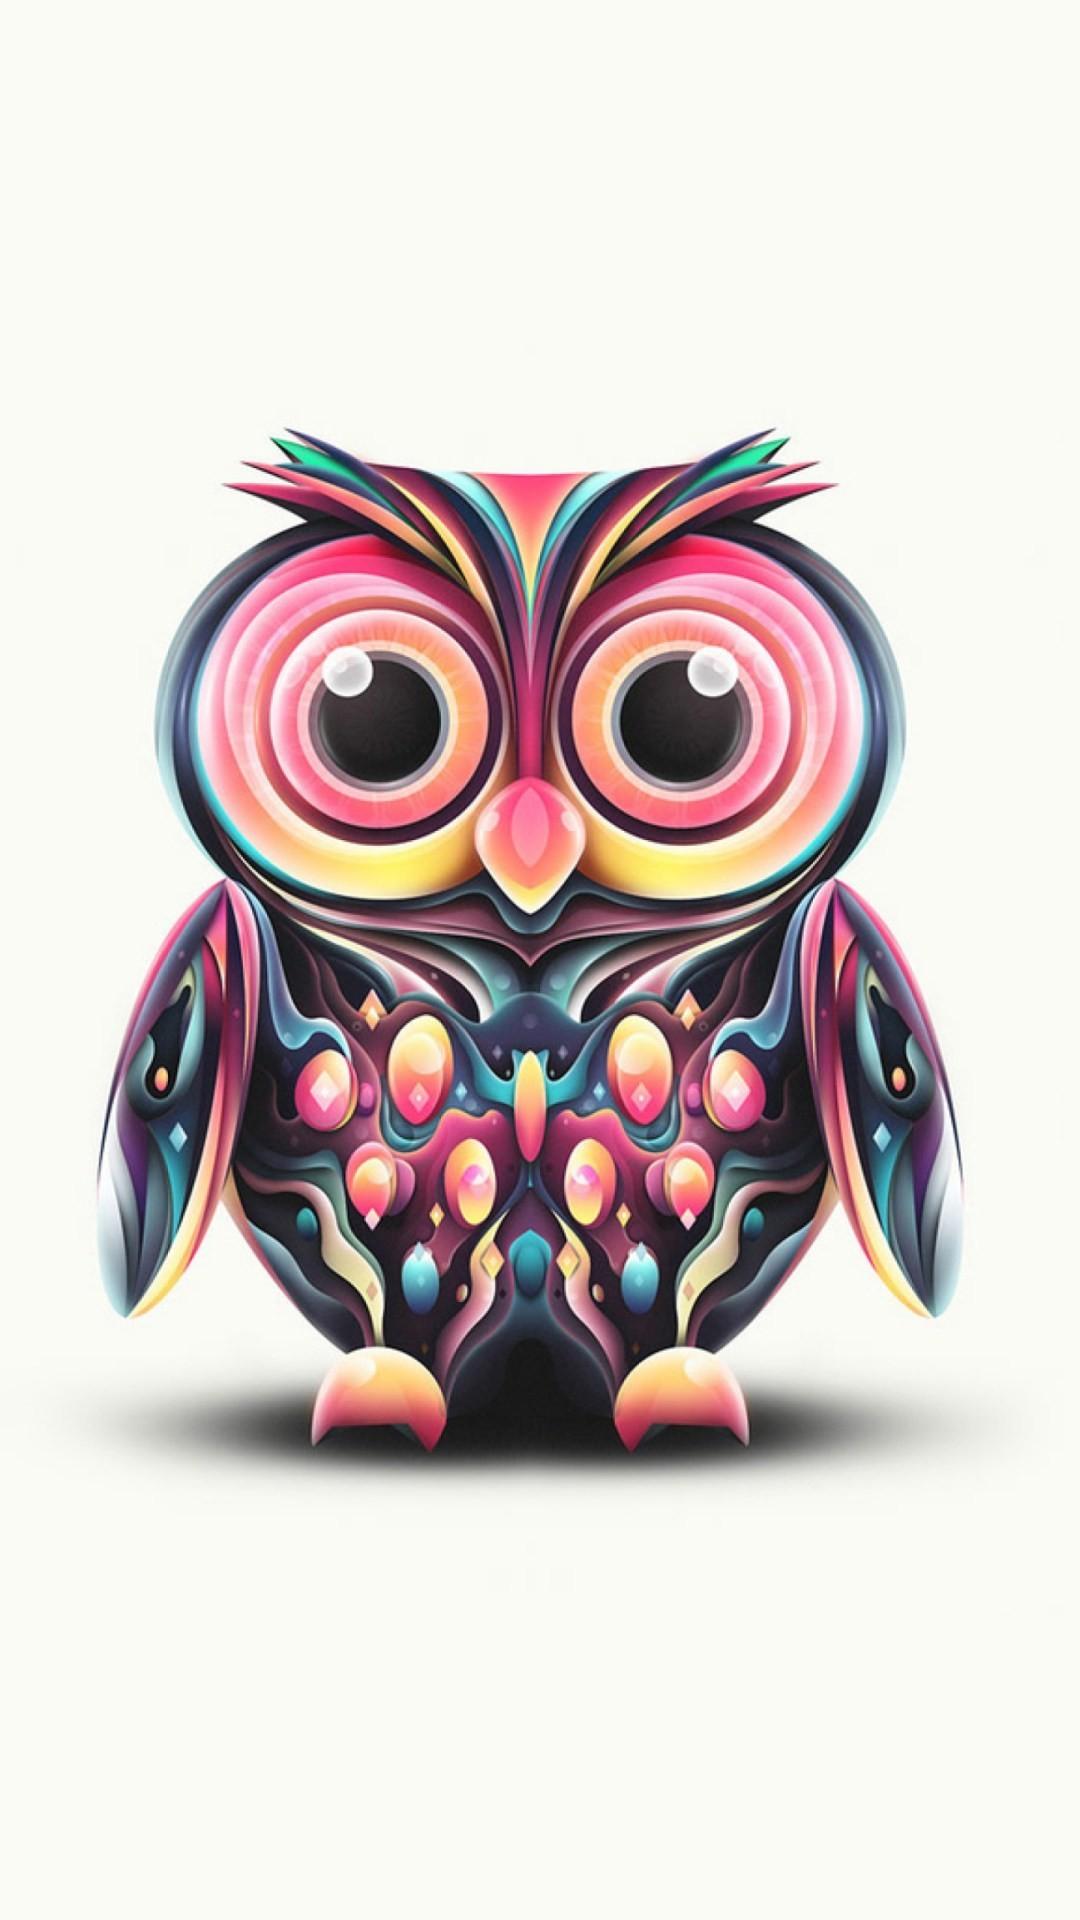 Res: 1080x1920, Cute Owl Wallpaper 19